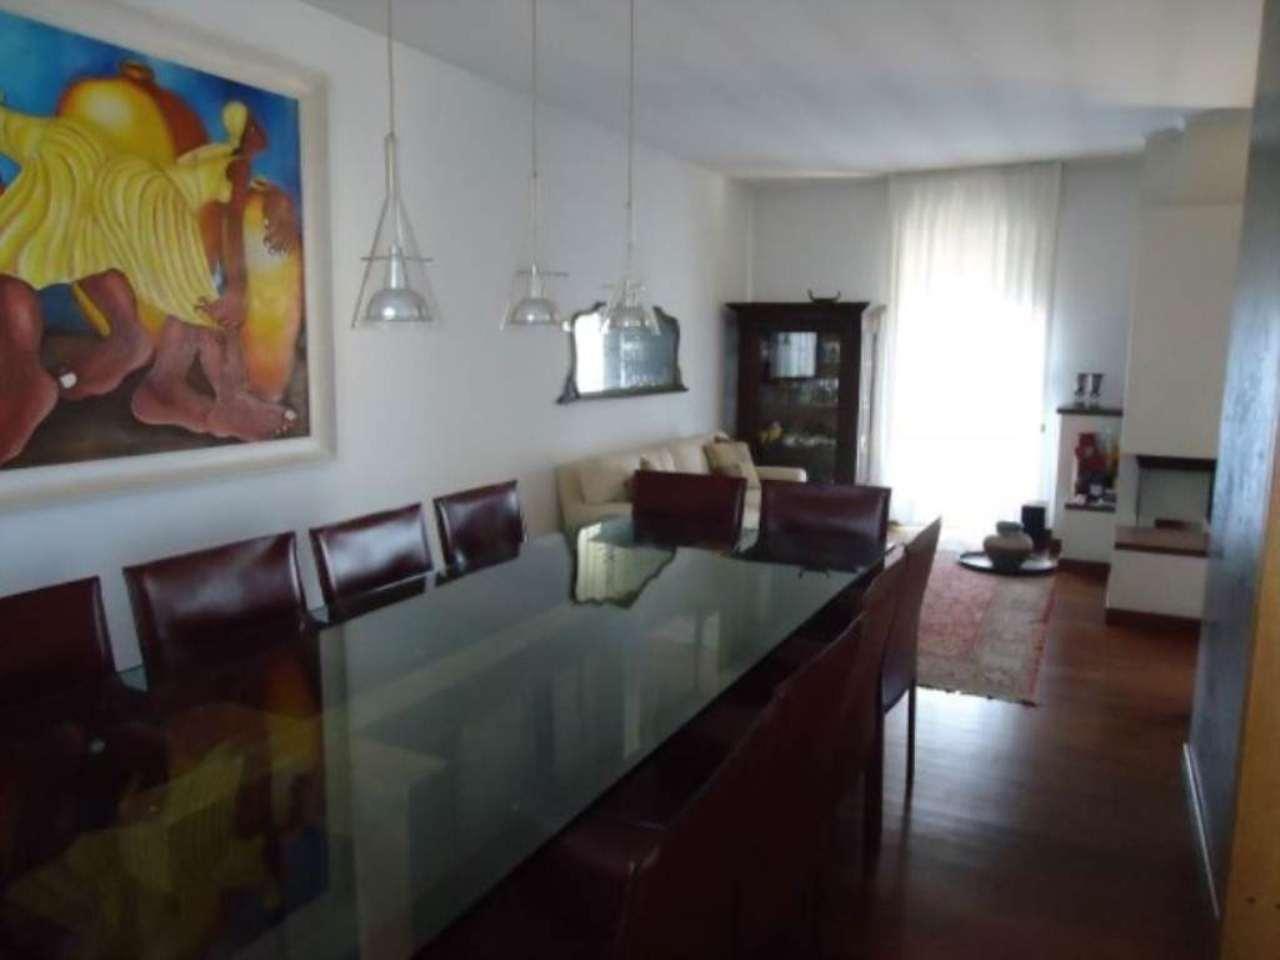 Attico / Mansarda in vendita a Venezia, 6 locali, zona Zona: 11 . Mestre, prezzo € 399.000 | Cambio Casa.it